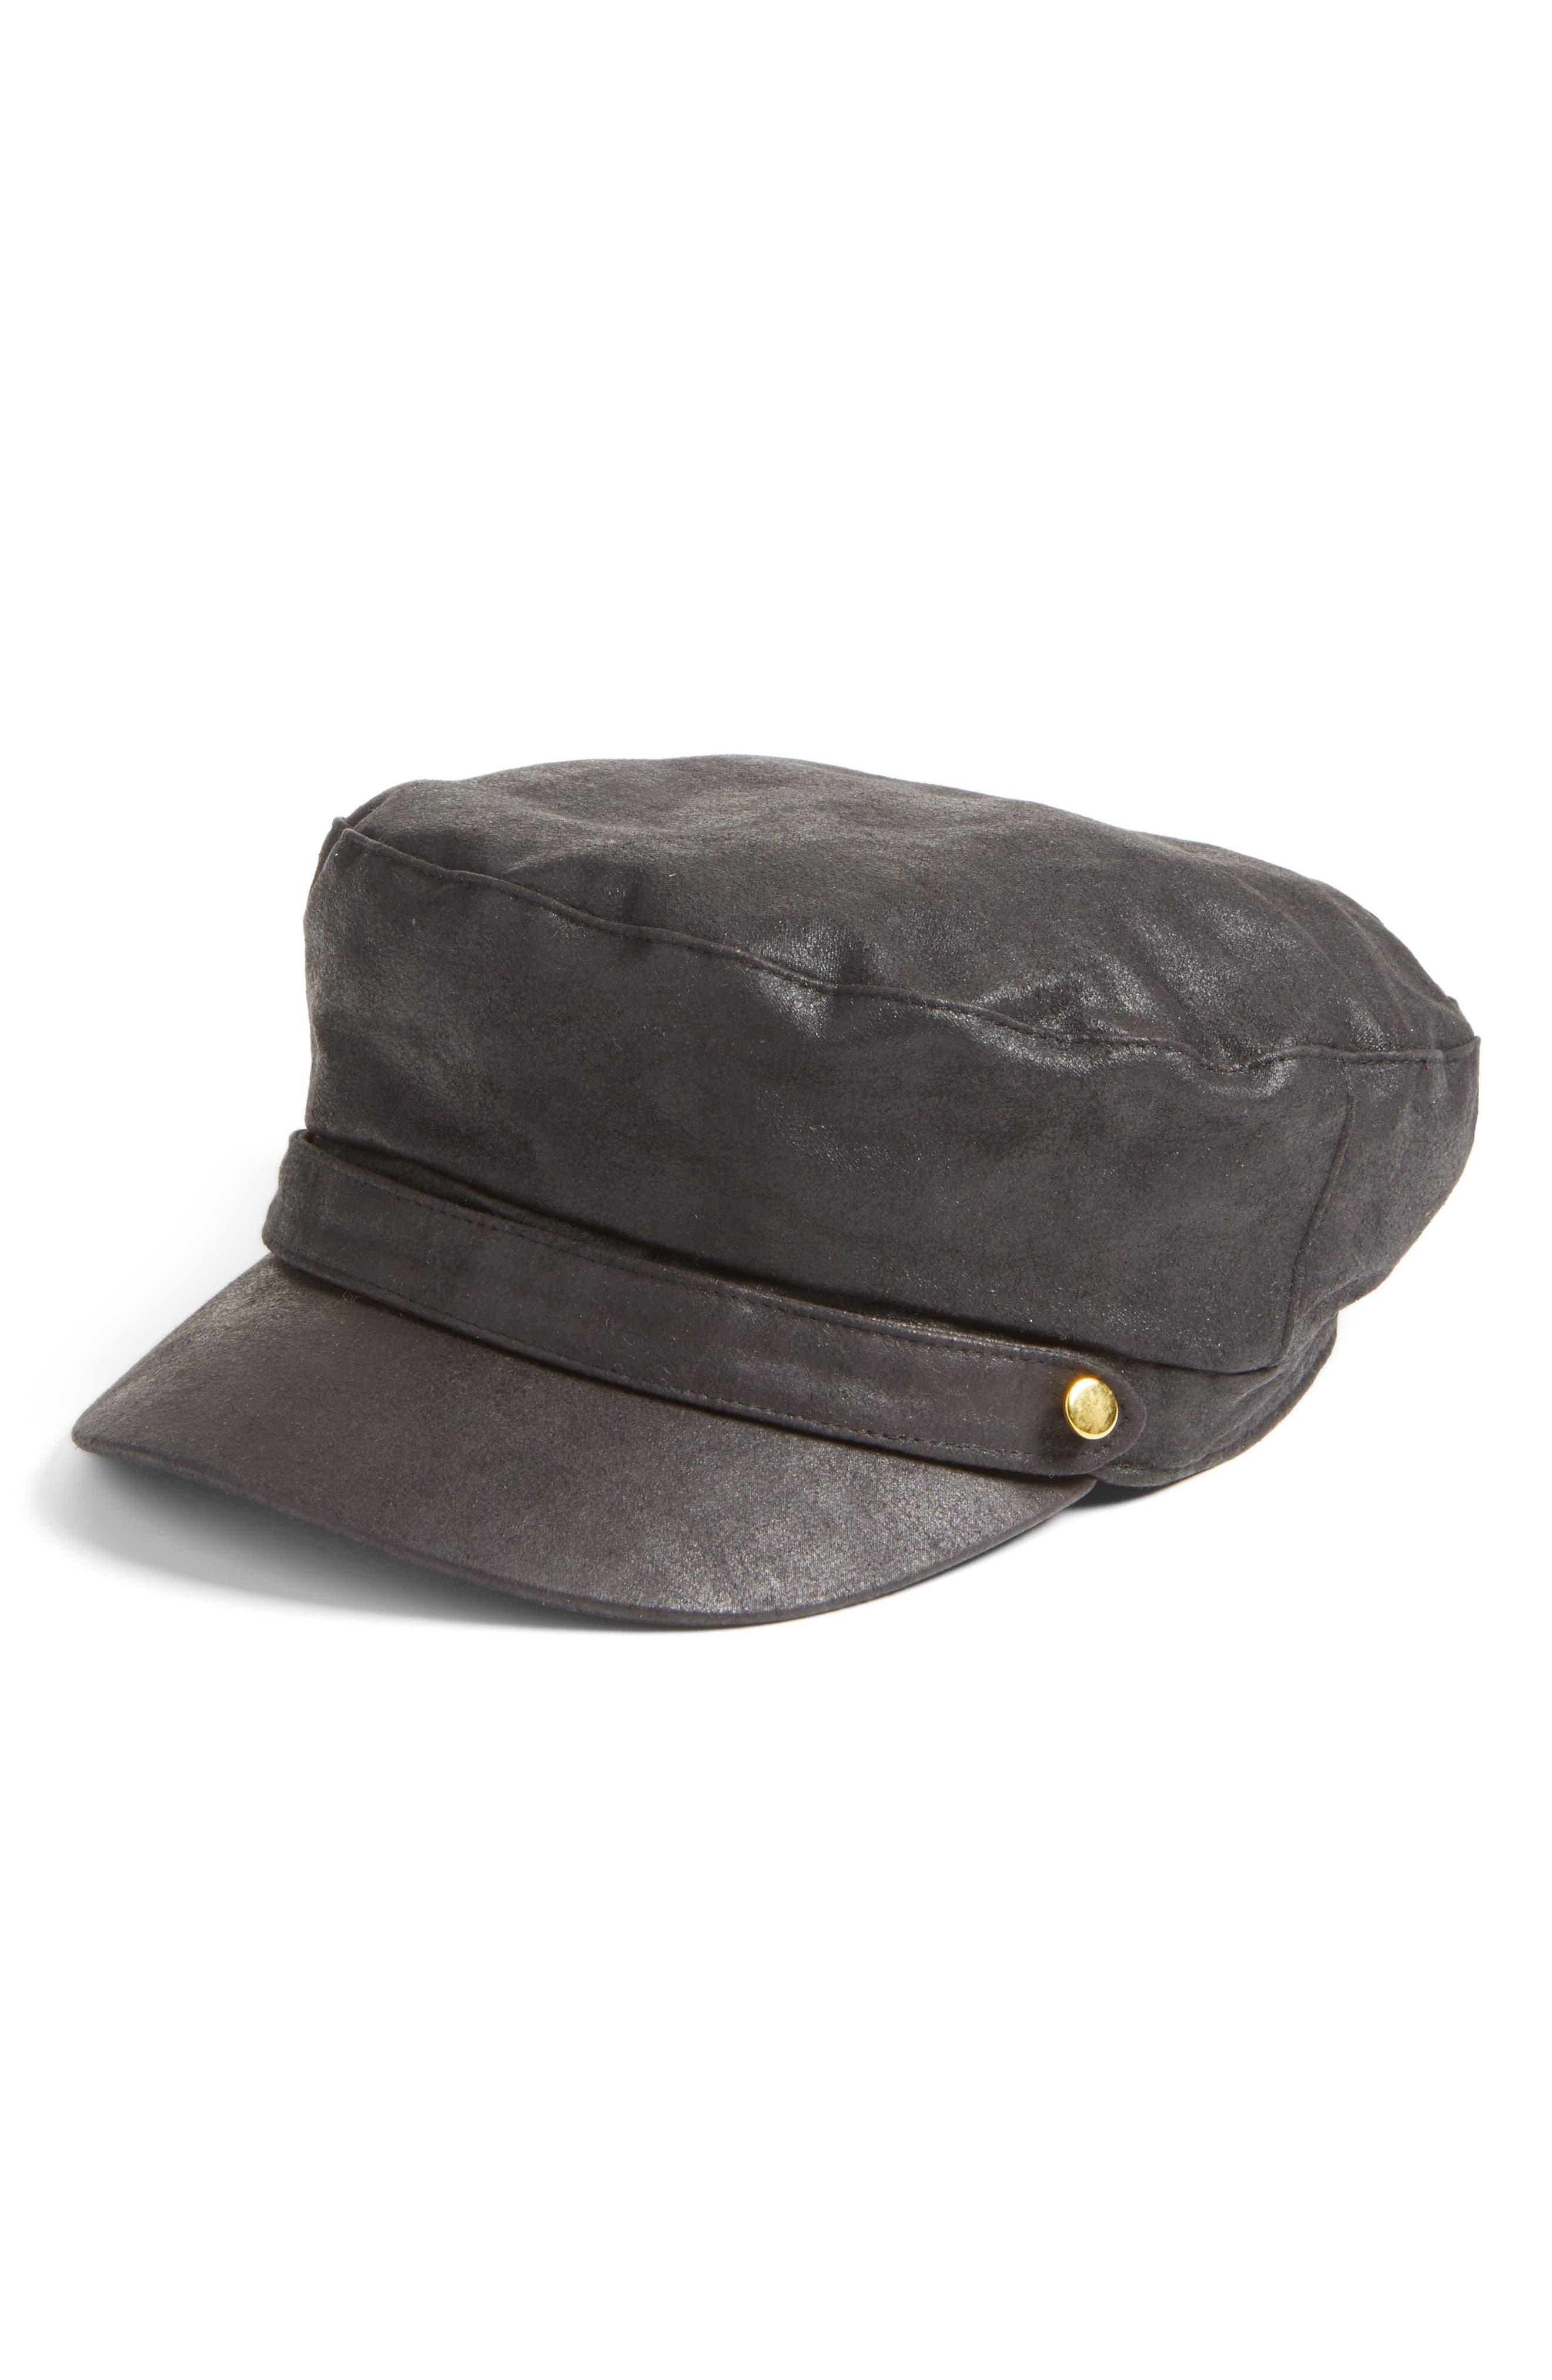 Lieutenant Cap,                         Main,                         color, Black